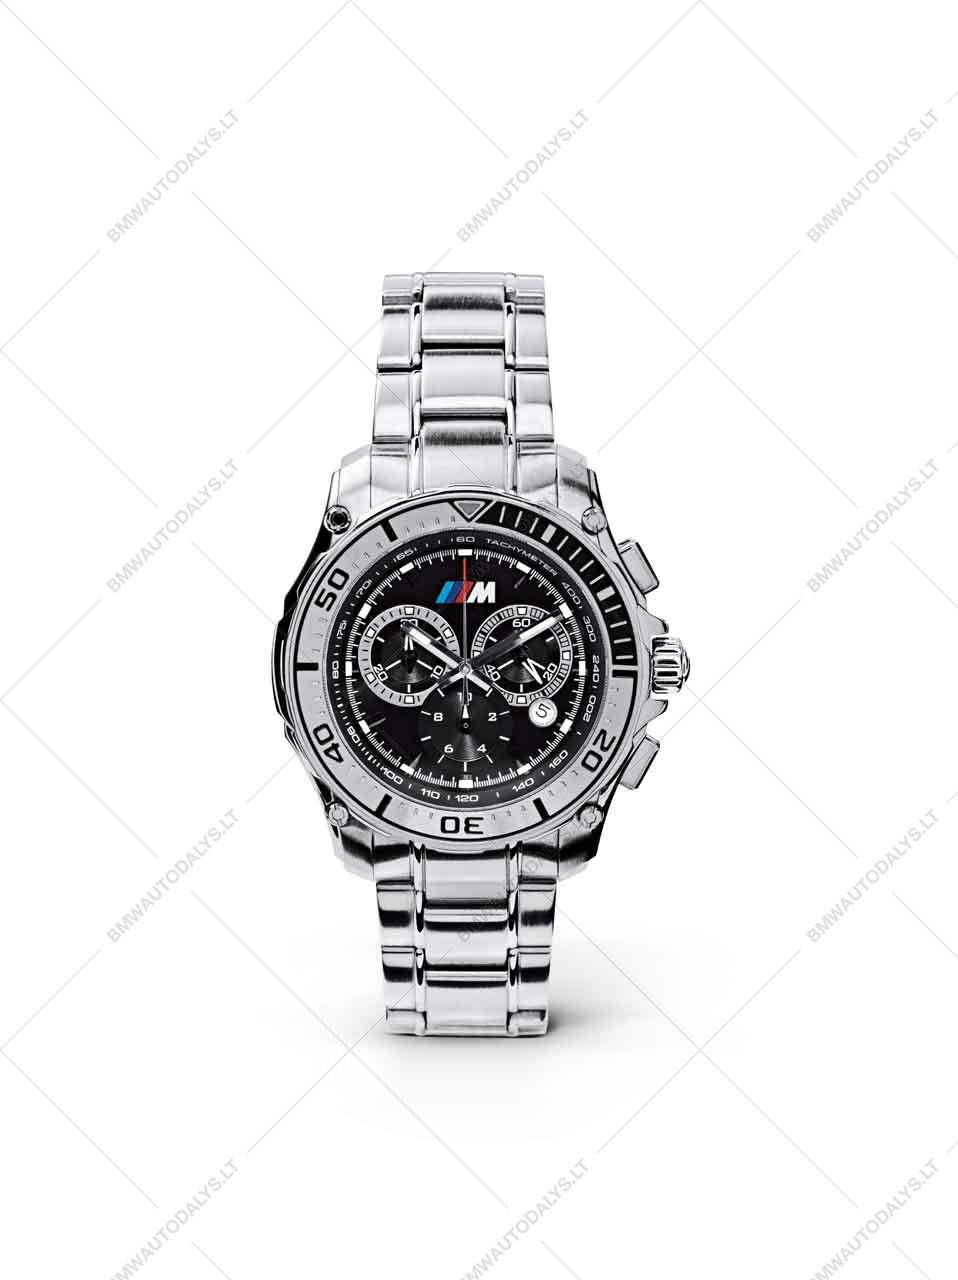 bmw watch men 39 s wristwatch bmw m chronograph 80262365454 bmw